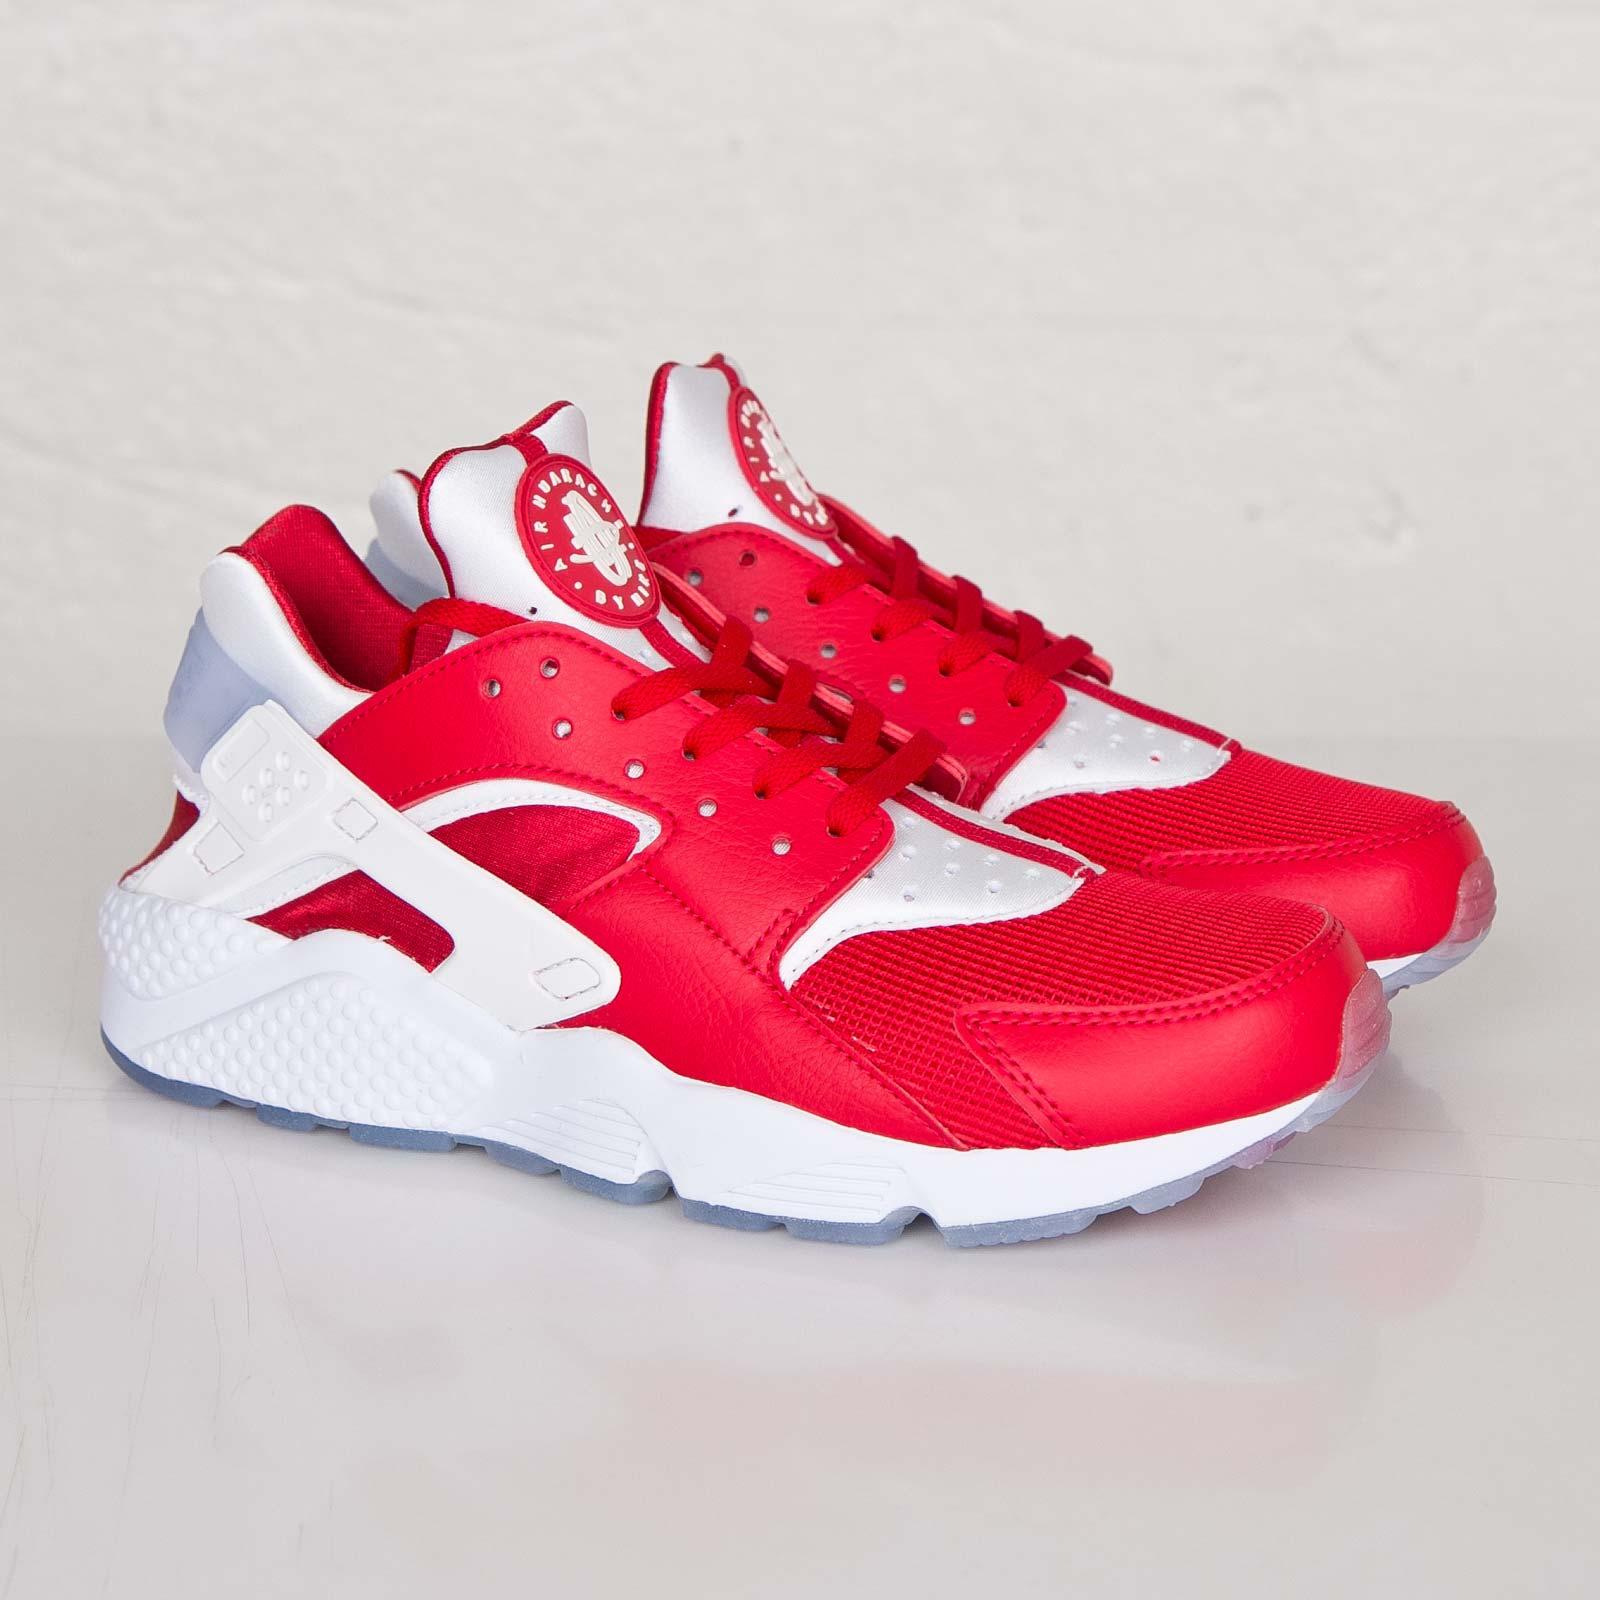 wholesale dealer 131da 00744 Nike Air Huarache Run Premium